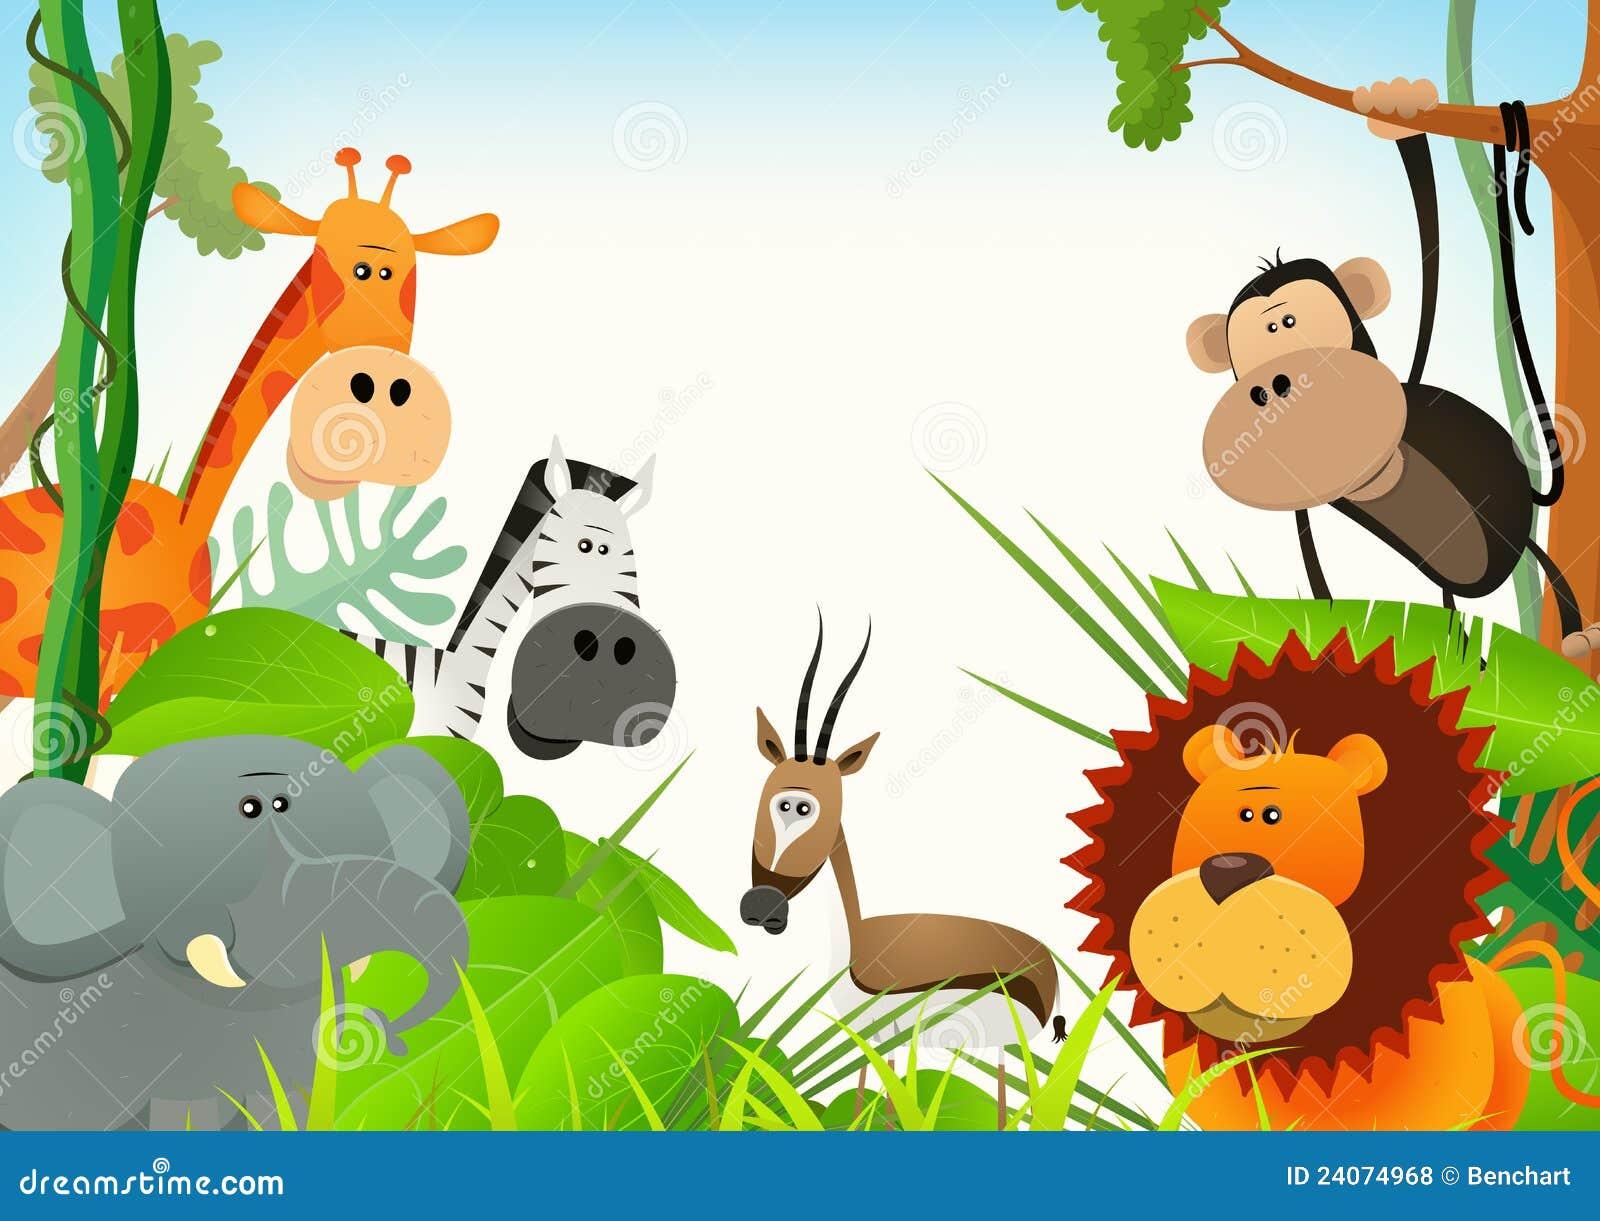 Fond de carte postale d 39 animaux sauvages illustration de - Images d animaux sauvages gratuites ...